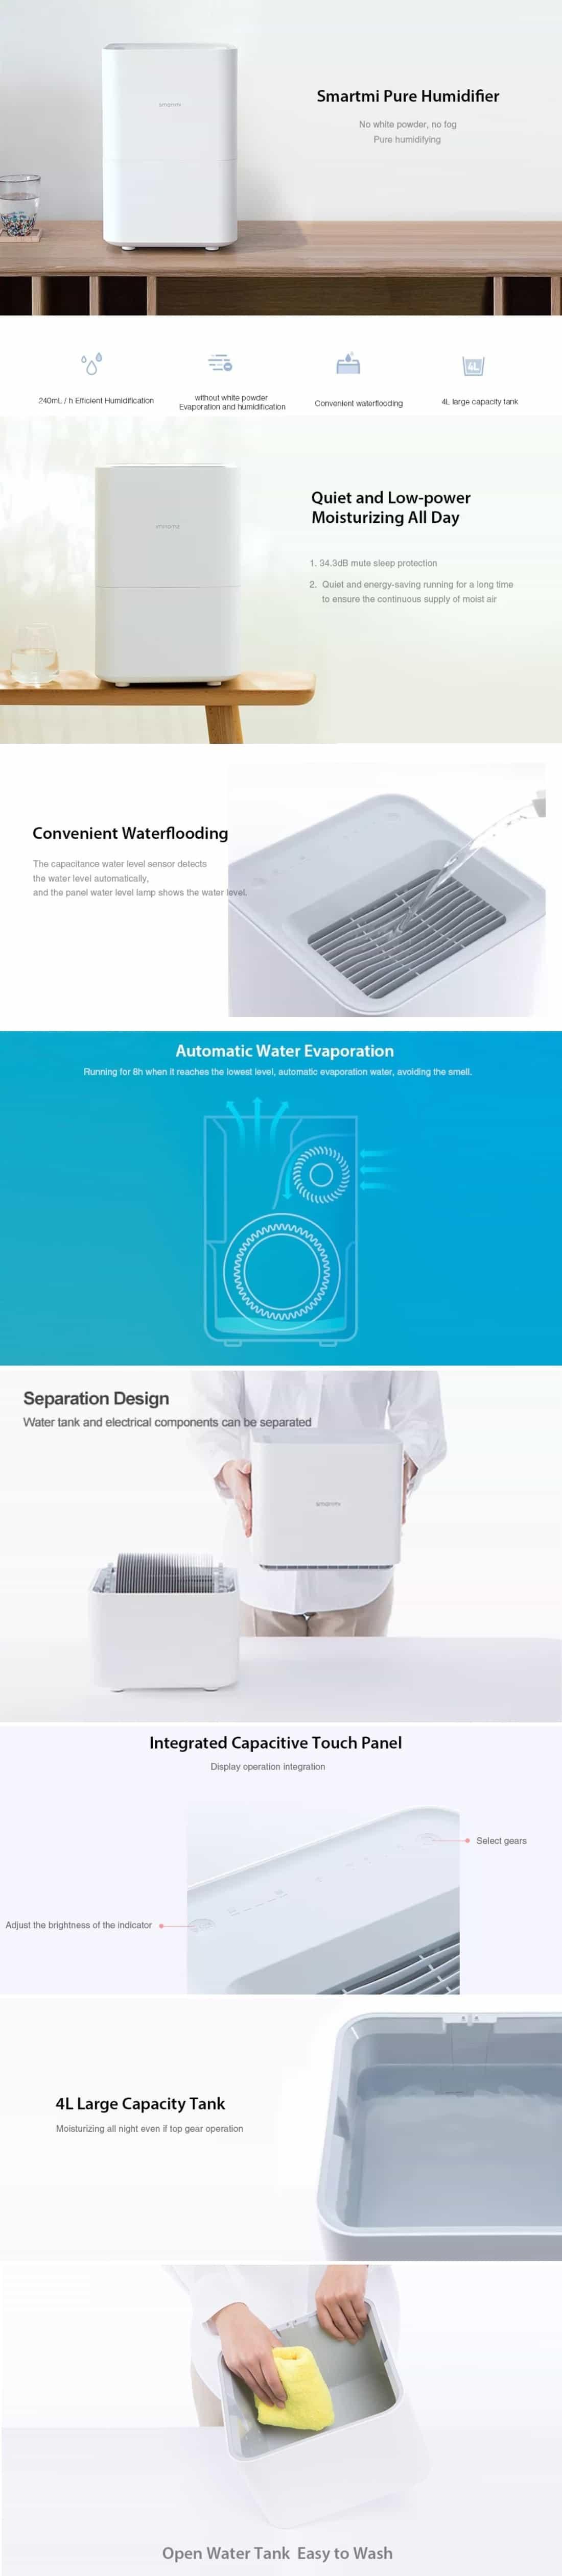 Prezentare-Smartmi-Pure-Humidifier278a944b27ad7d8c.jpg